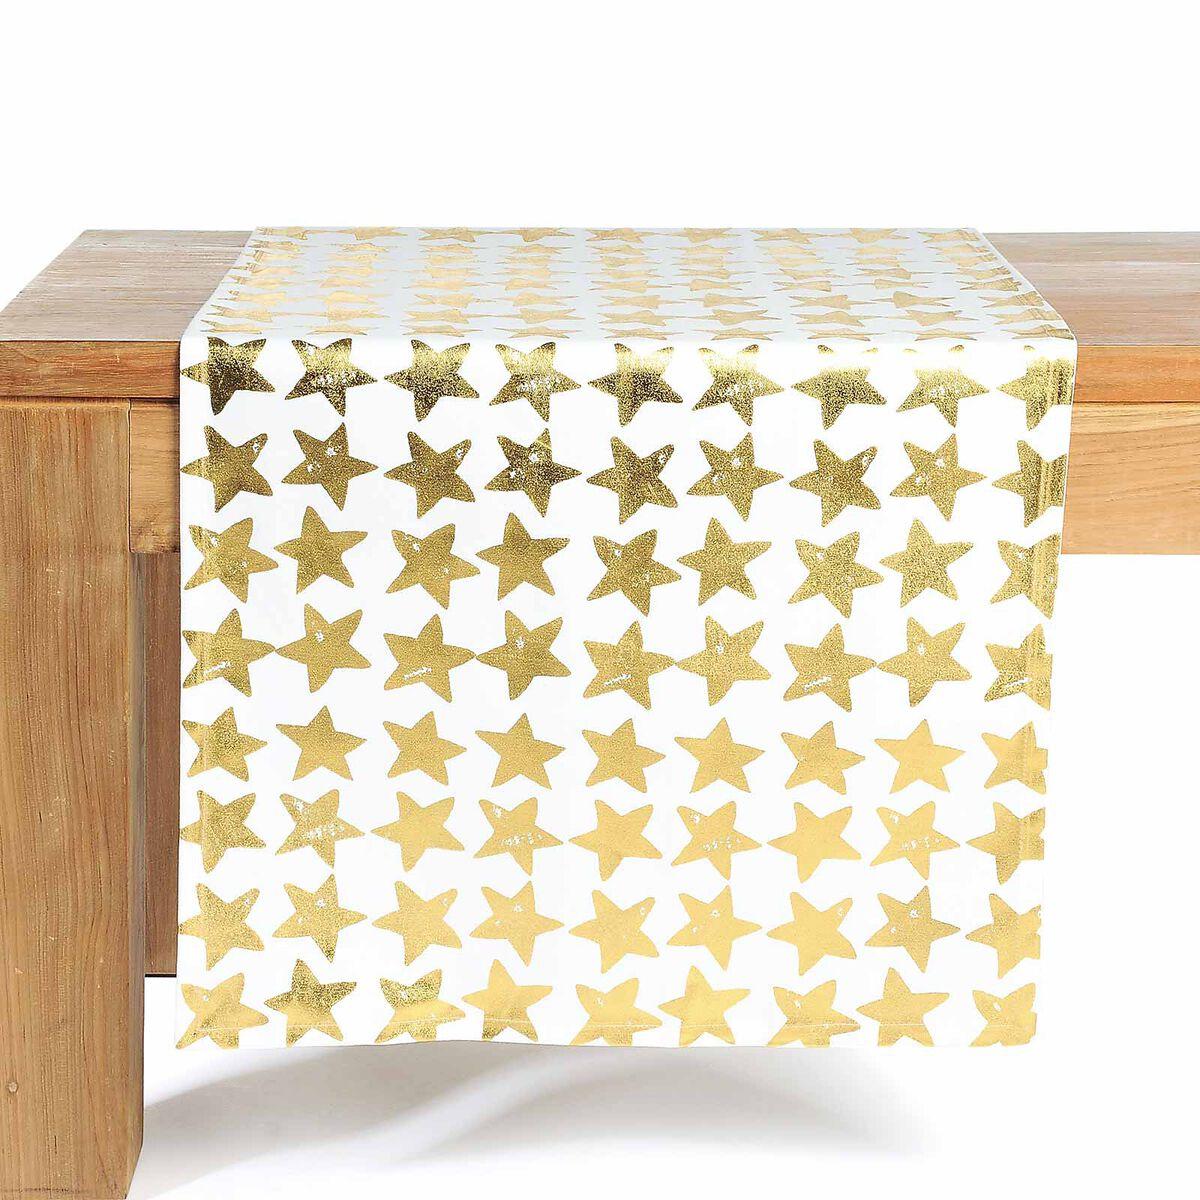 tischl ufer vintage sterne gold ca b 40 x l 150 cm 100 baumwolle depot de. Black Bedroom Furniture Sets. Home Design Ideas